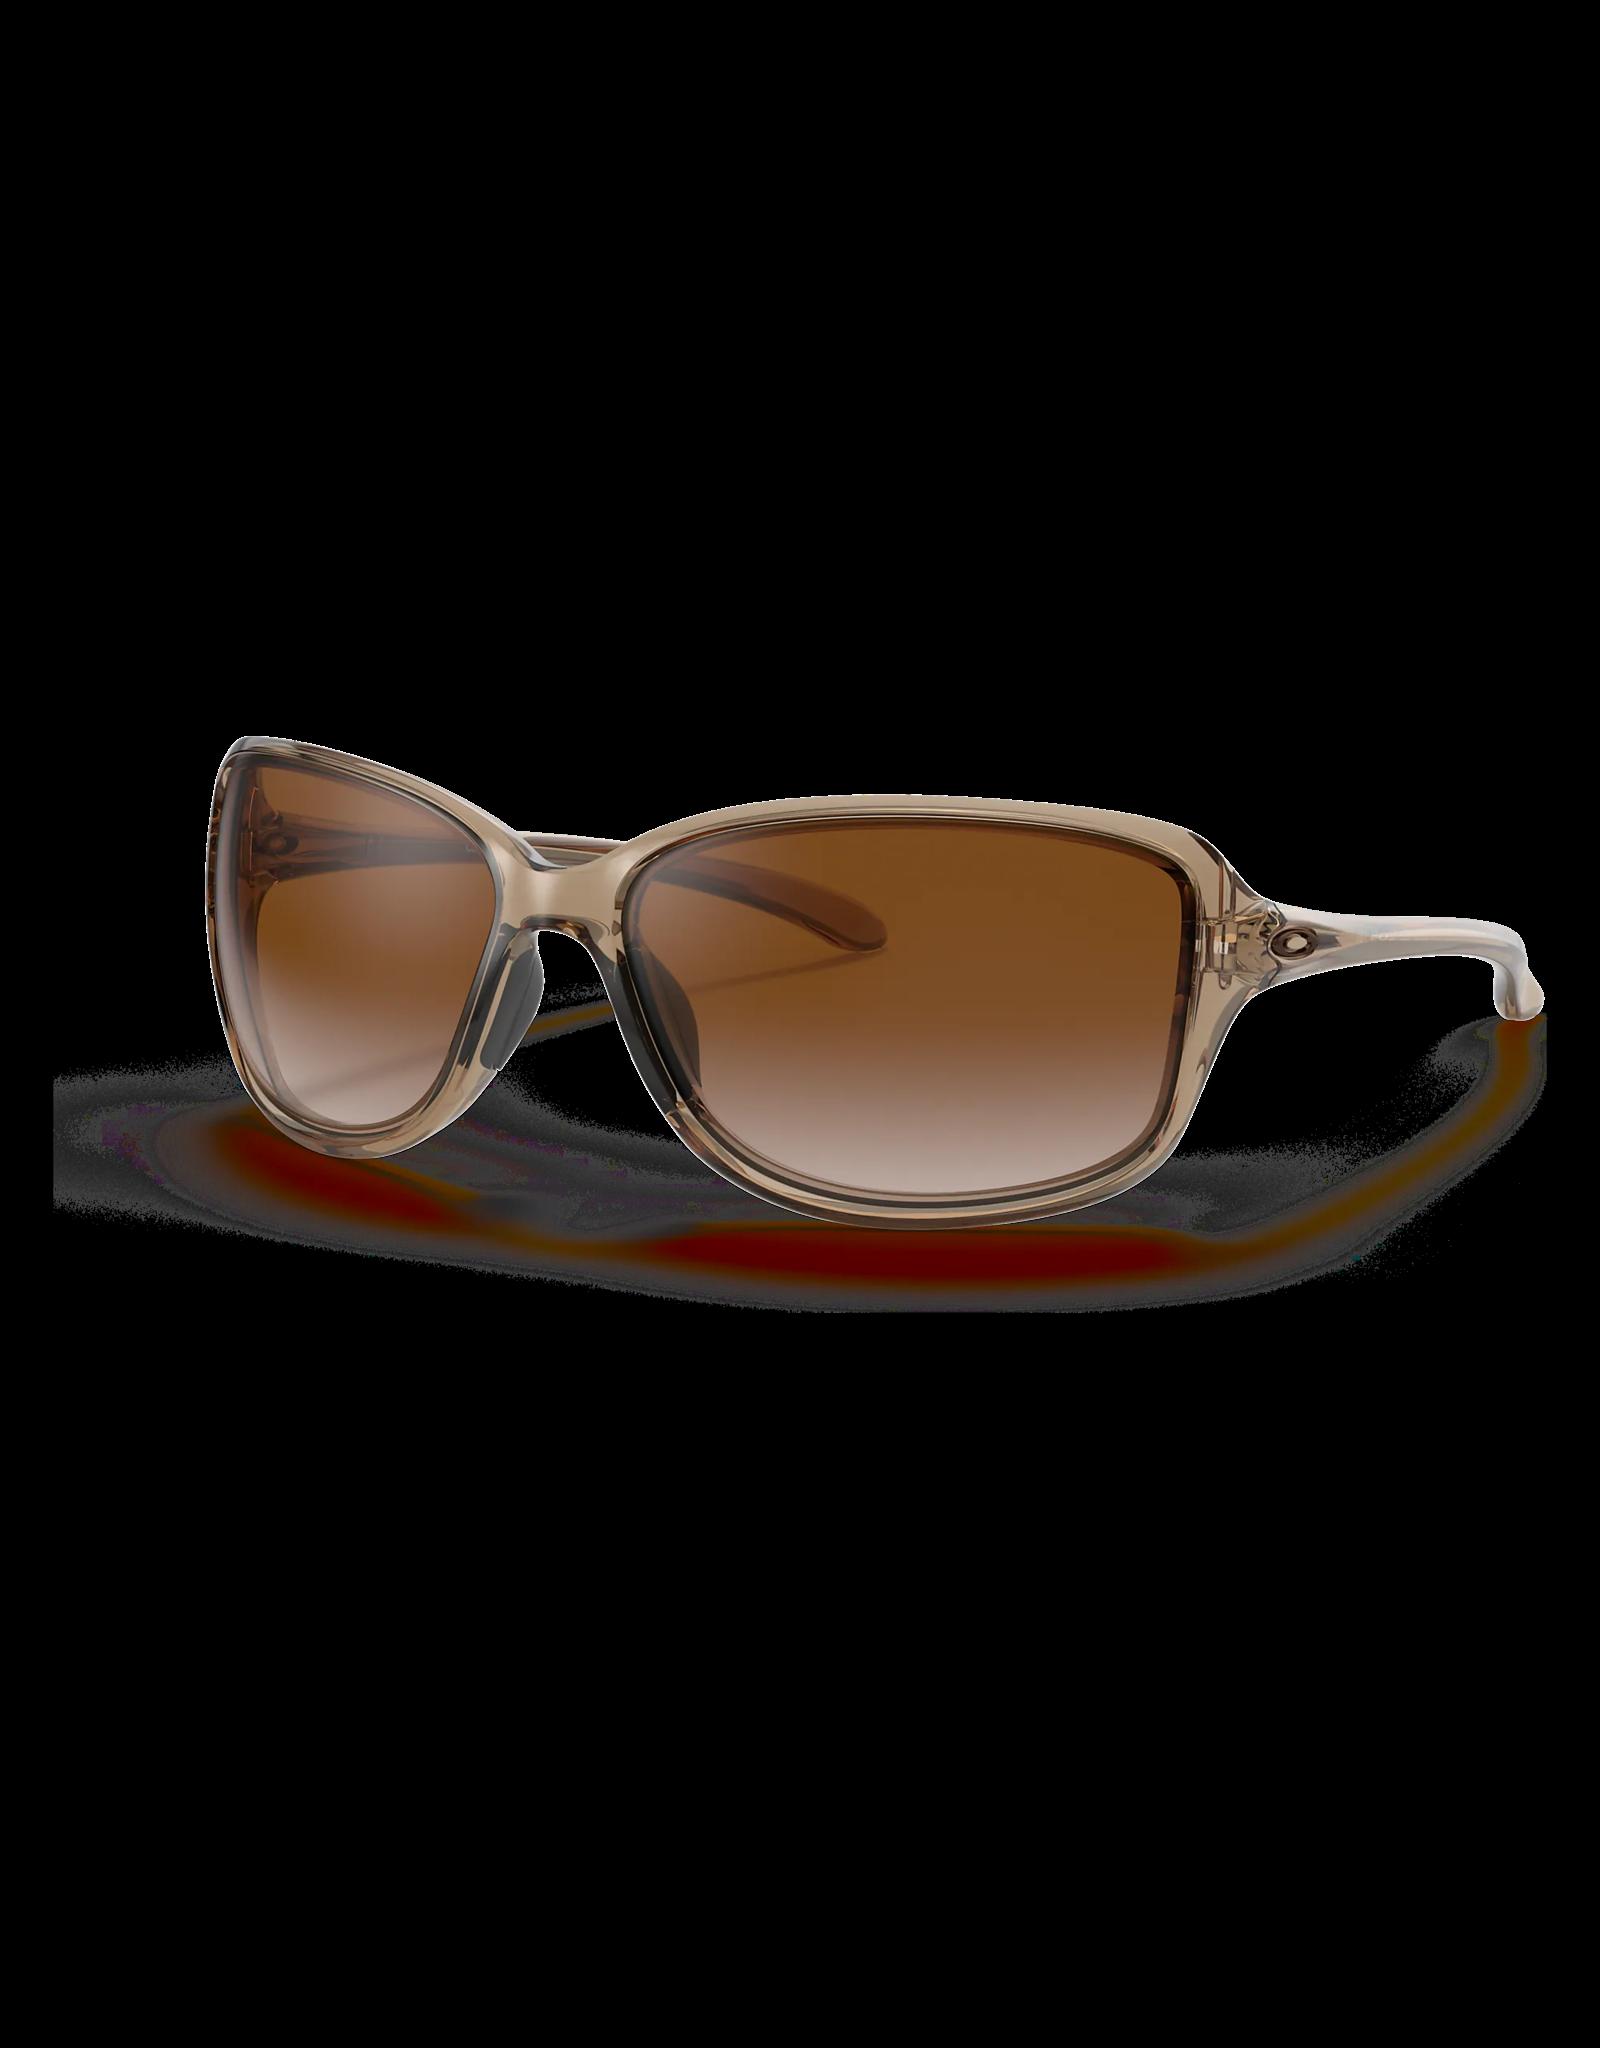 OAKLEY Oakley Cohort Sepia lunette noir brun gradient